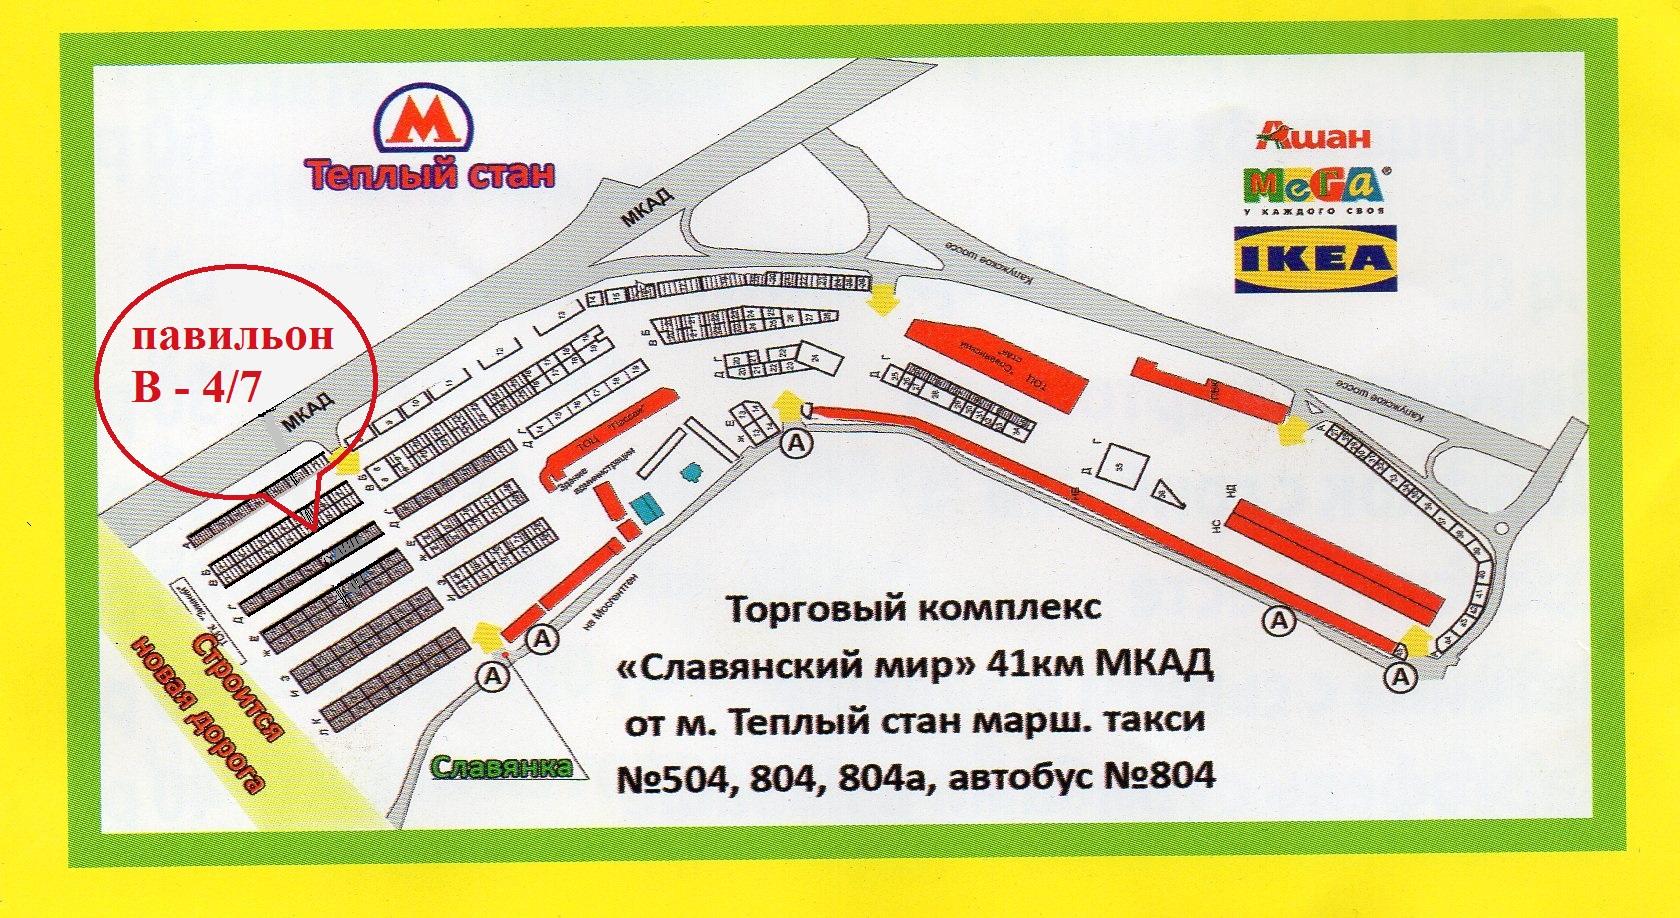 Схема проезда до рынка 41 км